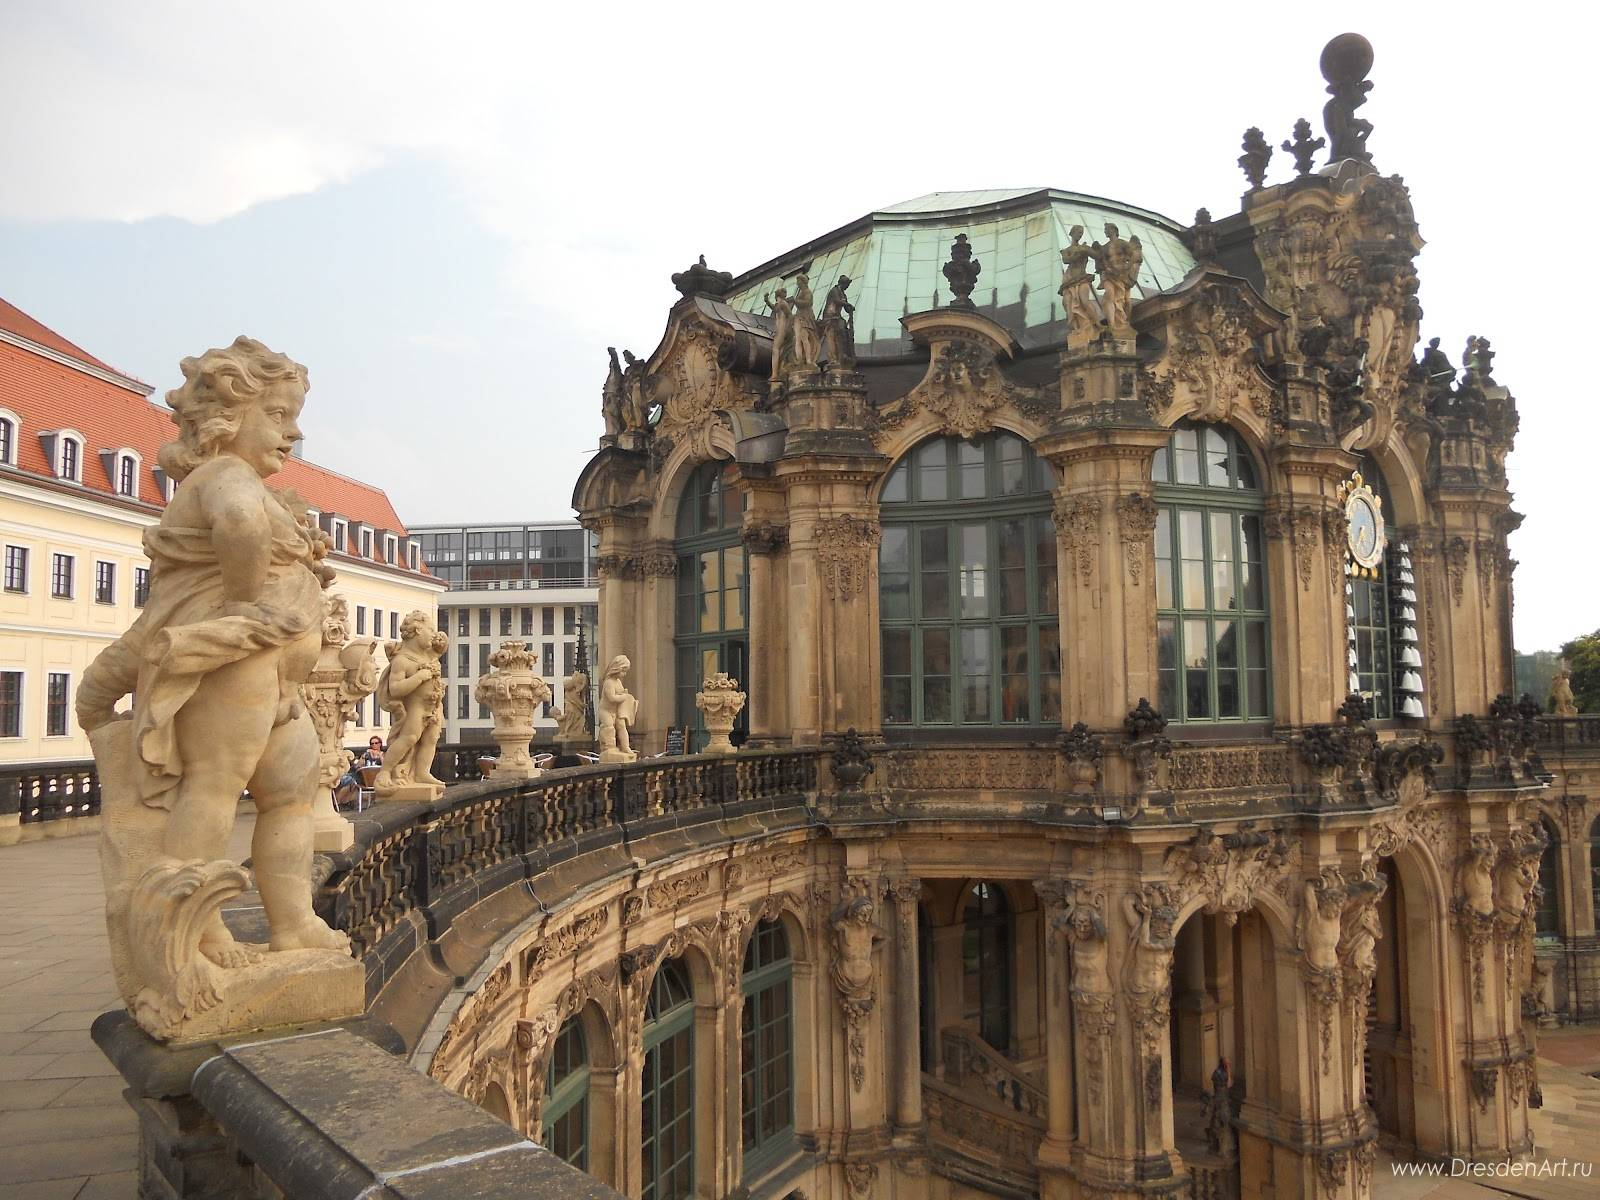 Самые красивые города германии ℹ️ список красивейших немецких городов по мнению туристов, топ 10 популярных и интересных городков зимой